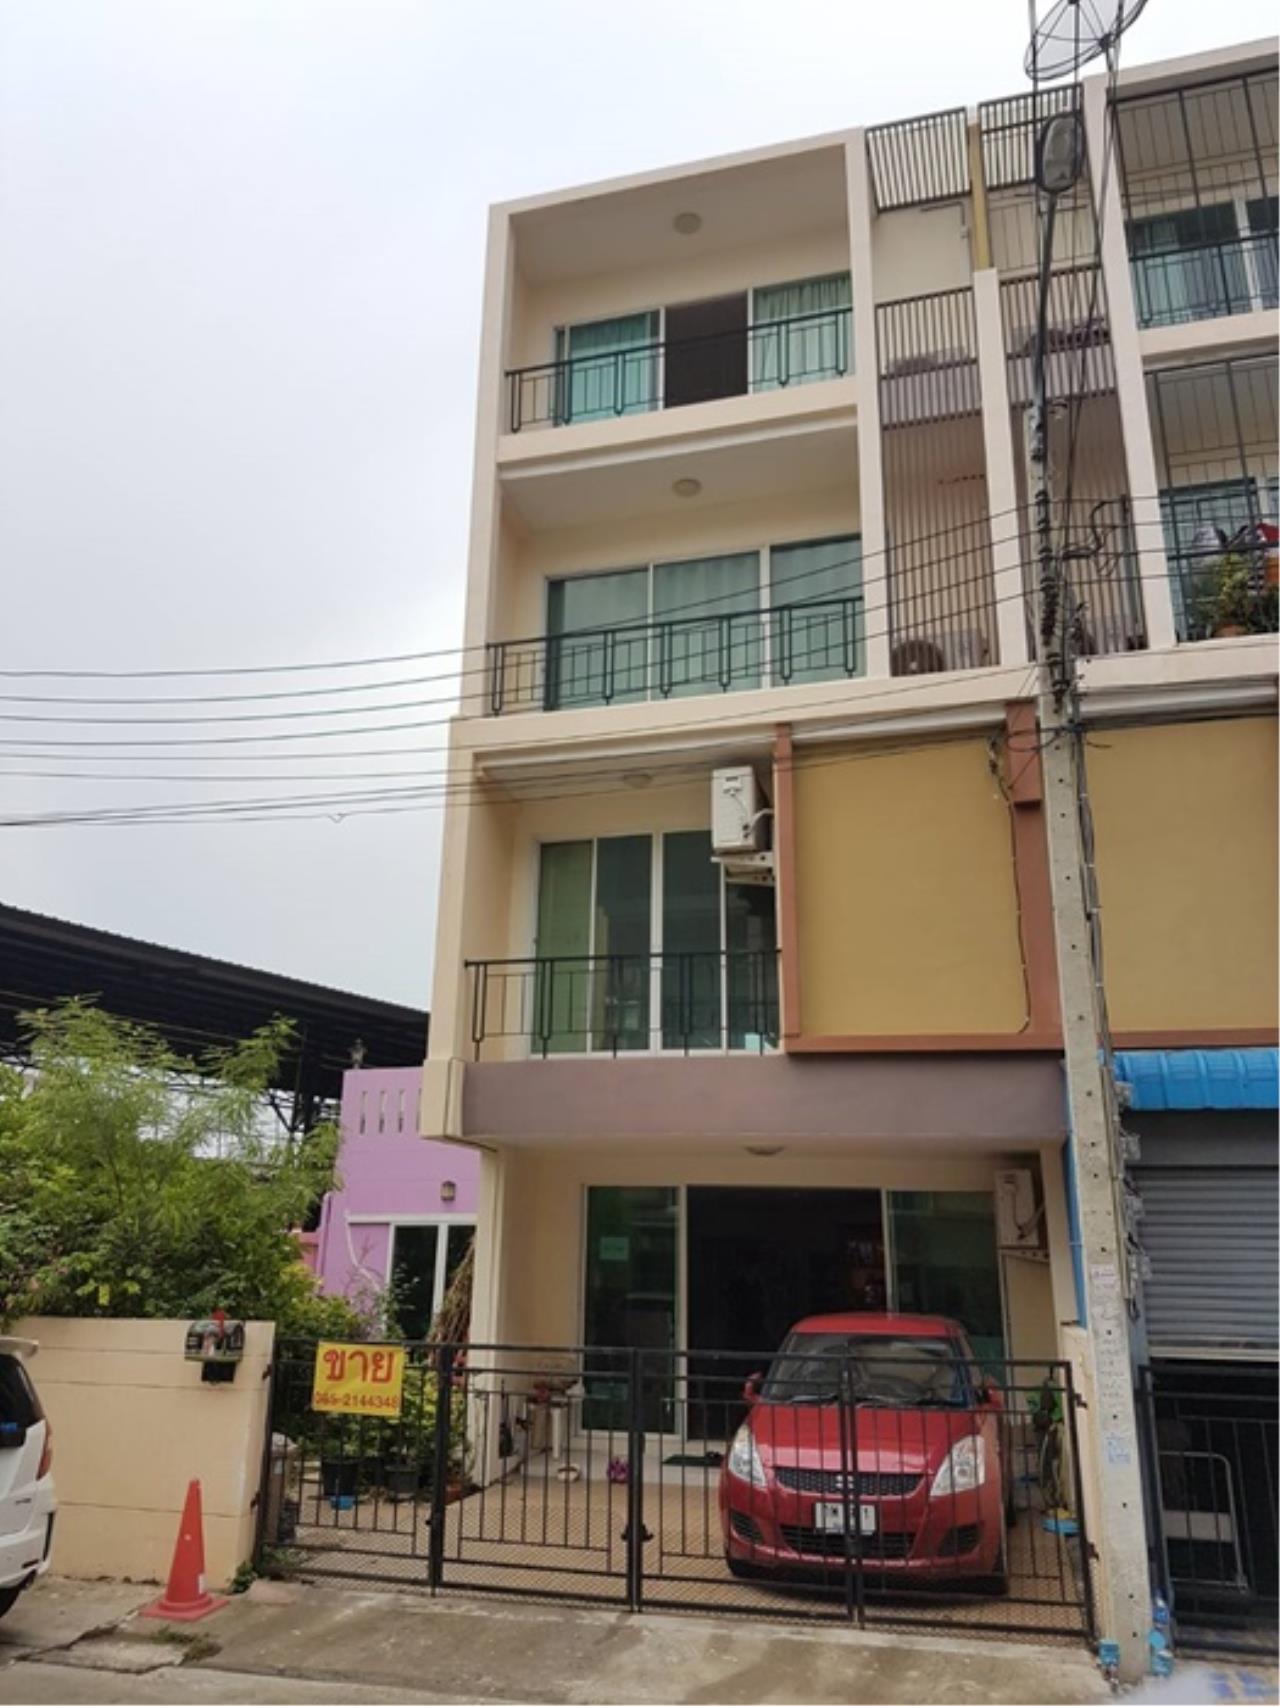 ขายบ้าน ประเวศ ประเวศ กรุงเทพมหานคร, ภาพที่ 2